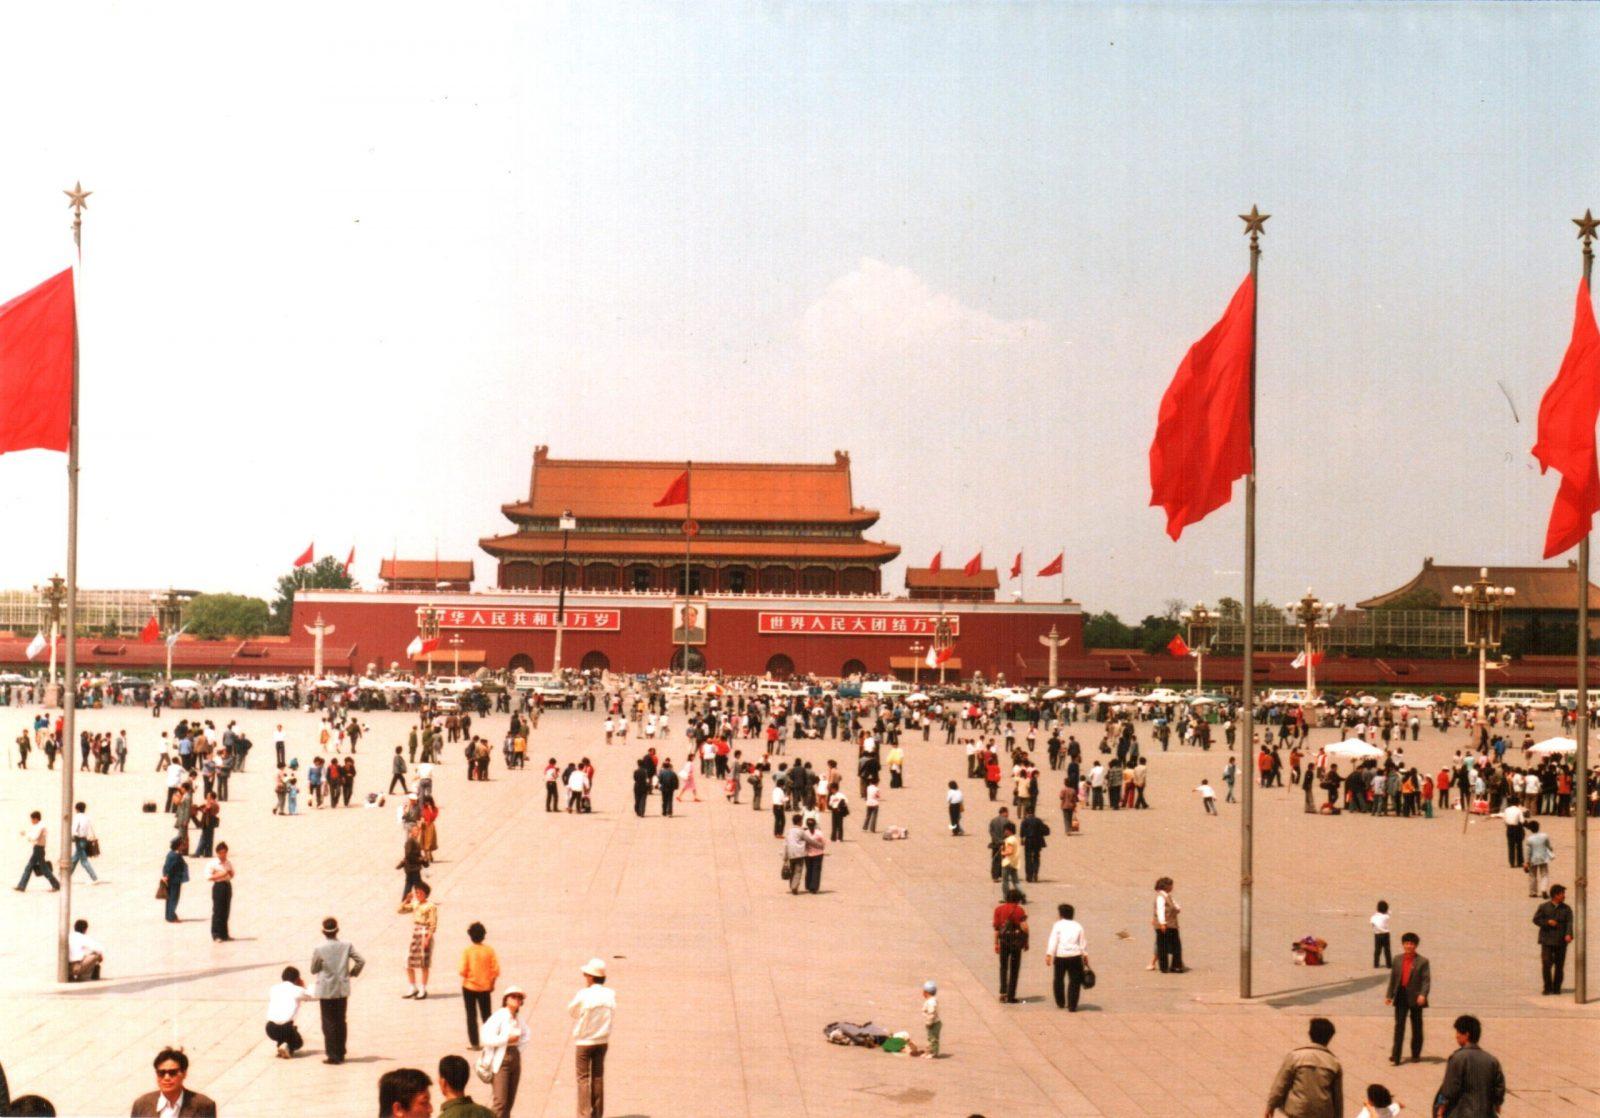 Archivo:Tiananmen Square, Beijing, China 1988 (1).jpg